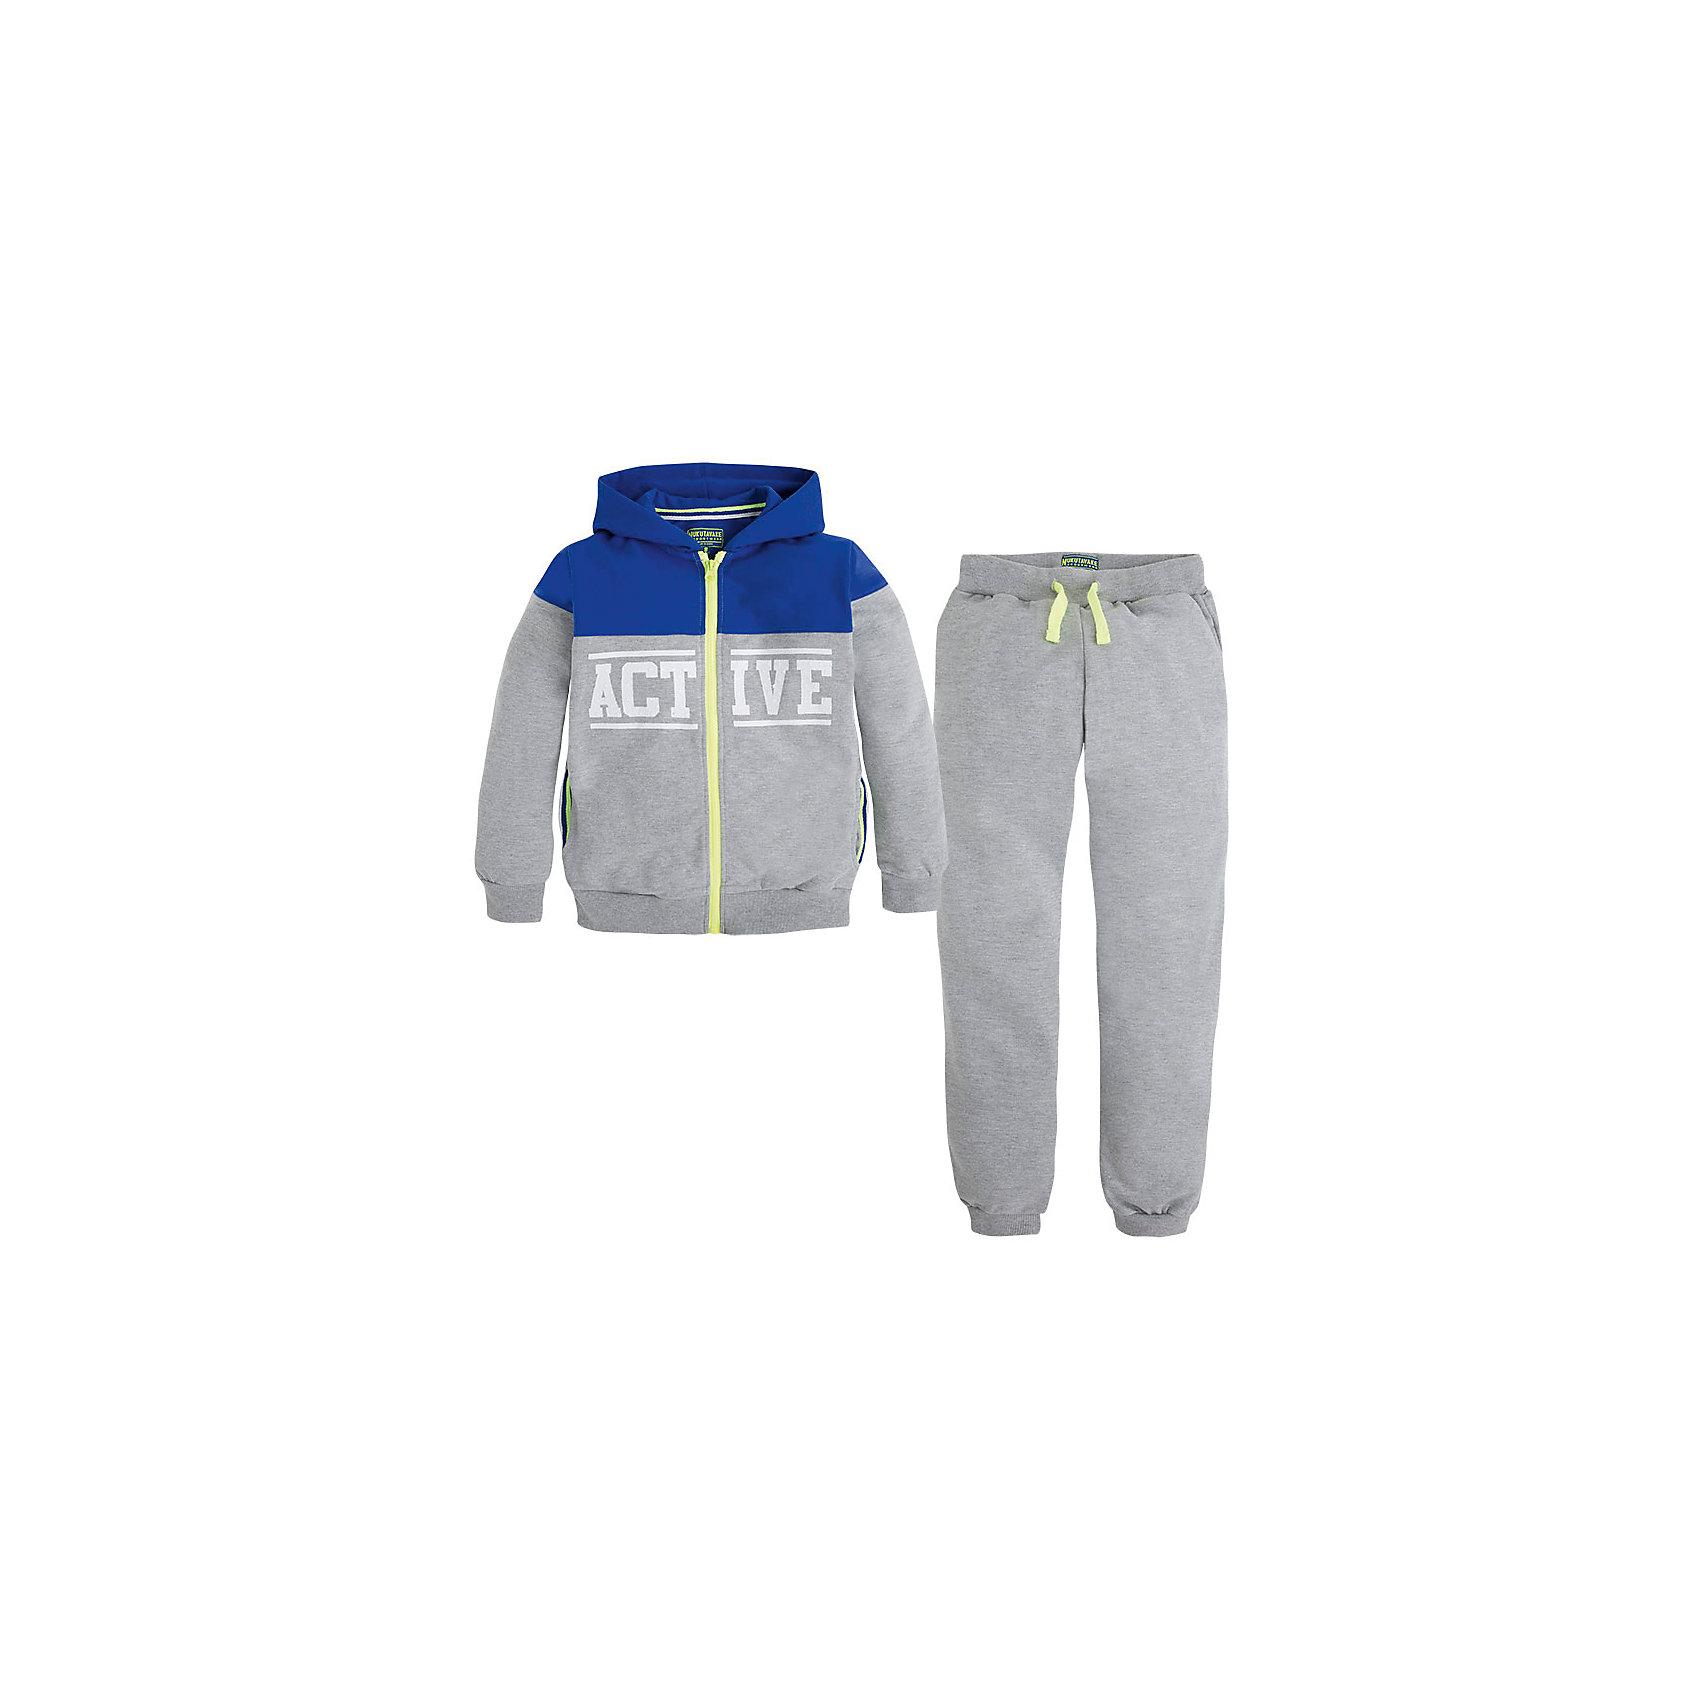 Спортивный костюм  для мальчика MayoralСпортивный костюм  для мальчика от известной испанской марки Mayoral - прекрасный вариант для вашего юного спортсмена. <br><br>Дополнительная информация:<br><br>- Брюки и толстовка.<br>- Мягкая, приятная к телу ткань. <br>- Толстовка комбинированной расцветки.<br>- Манжеты на рукавах и резинка по низу.<br>- Застегивается на молнию.<br>- Надпись на груди и спине.<br>- 2 боковых кармана. <br>- Брюки на эластичном поясе с кулиской. <br>- Манжеты брючин в рубчик. <br>- Состав: 52% хлопок, 48% полиэстер.<br><br>Спортивный костюм  для мальчика Mayoral (Майорал) можно купить в нашем магазине.<br><br>Ширина мм: 247<br>Глубина мм: 16<br>Высота мм: 140<br>Вес г: 225<br>Цвет: серый<br>Возраст от месяцев: 84<br>Возраст до месяцев: 96<br>Пол: Мужской<br>Возраст: Детский<br>Размер: 128,164,158,152,140<br>SKU: 4538867